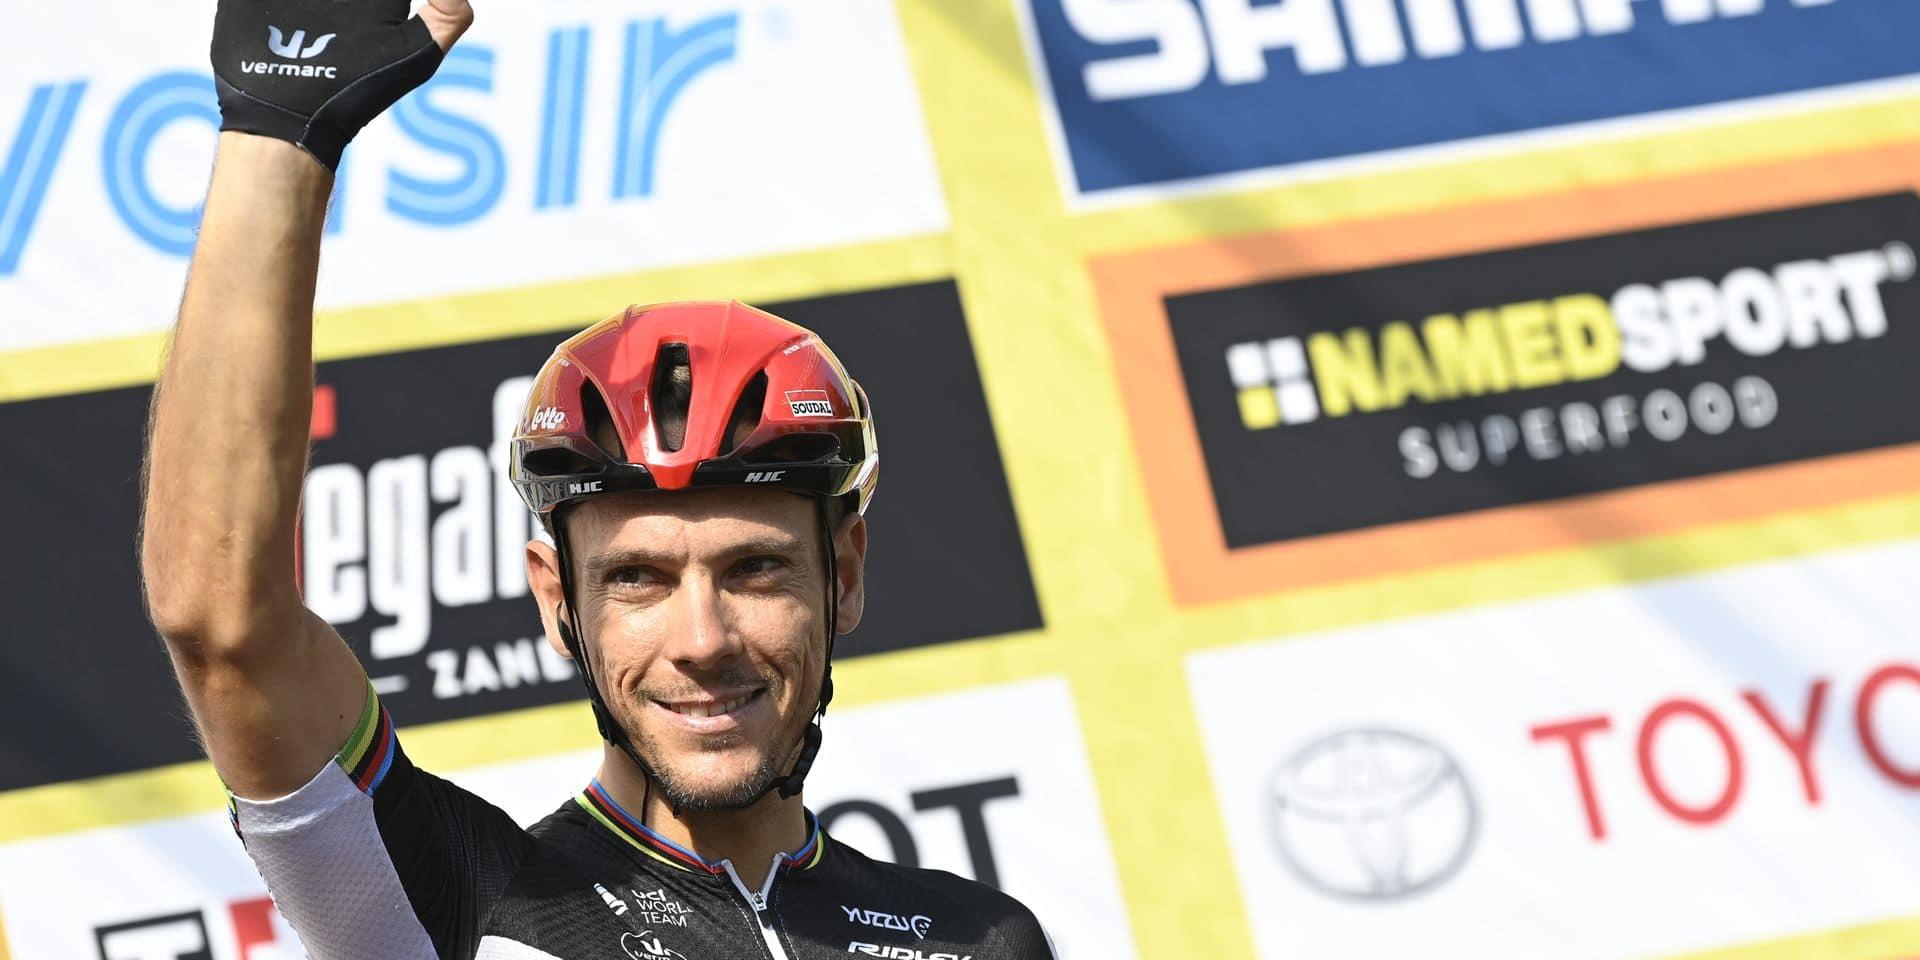 Gilbert va déjà faire son retour au Tour du Luxembourg !